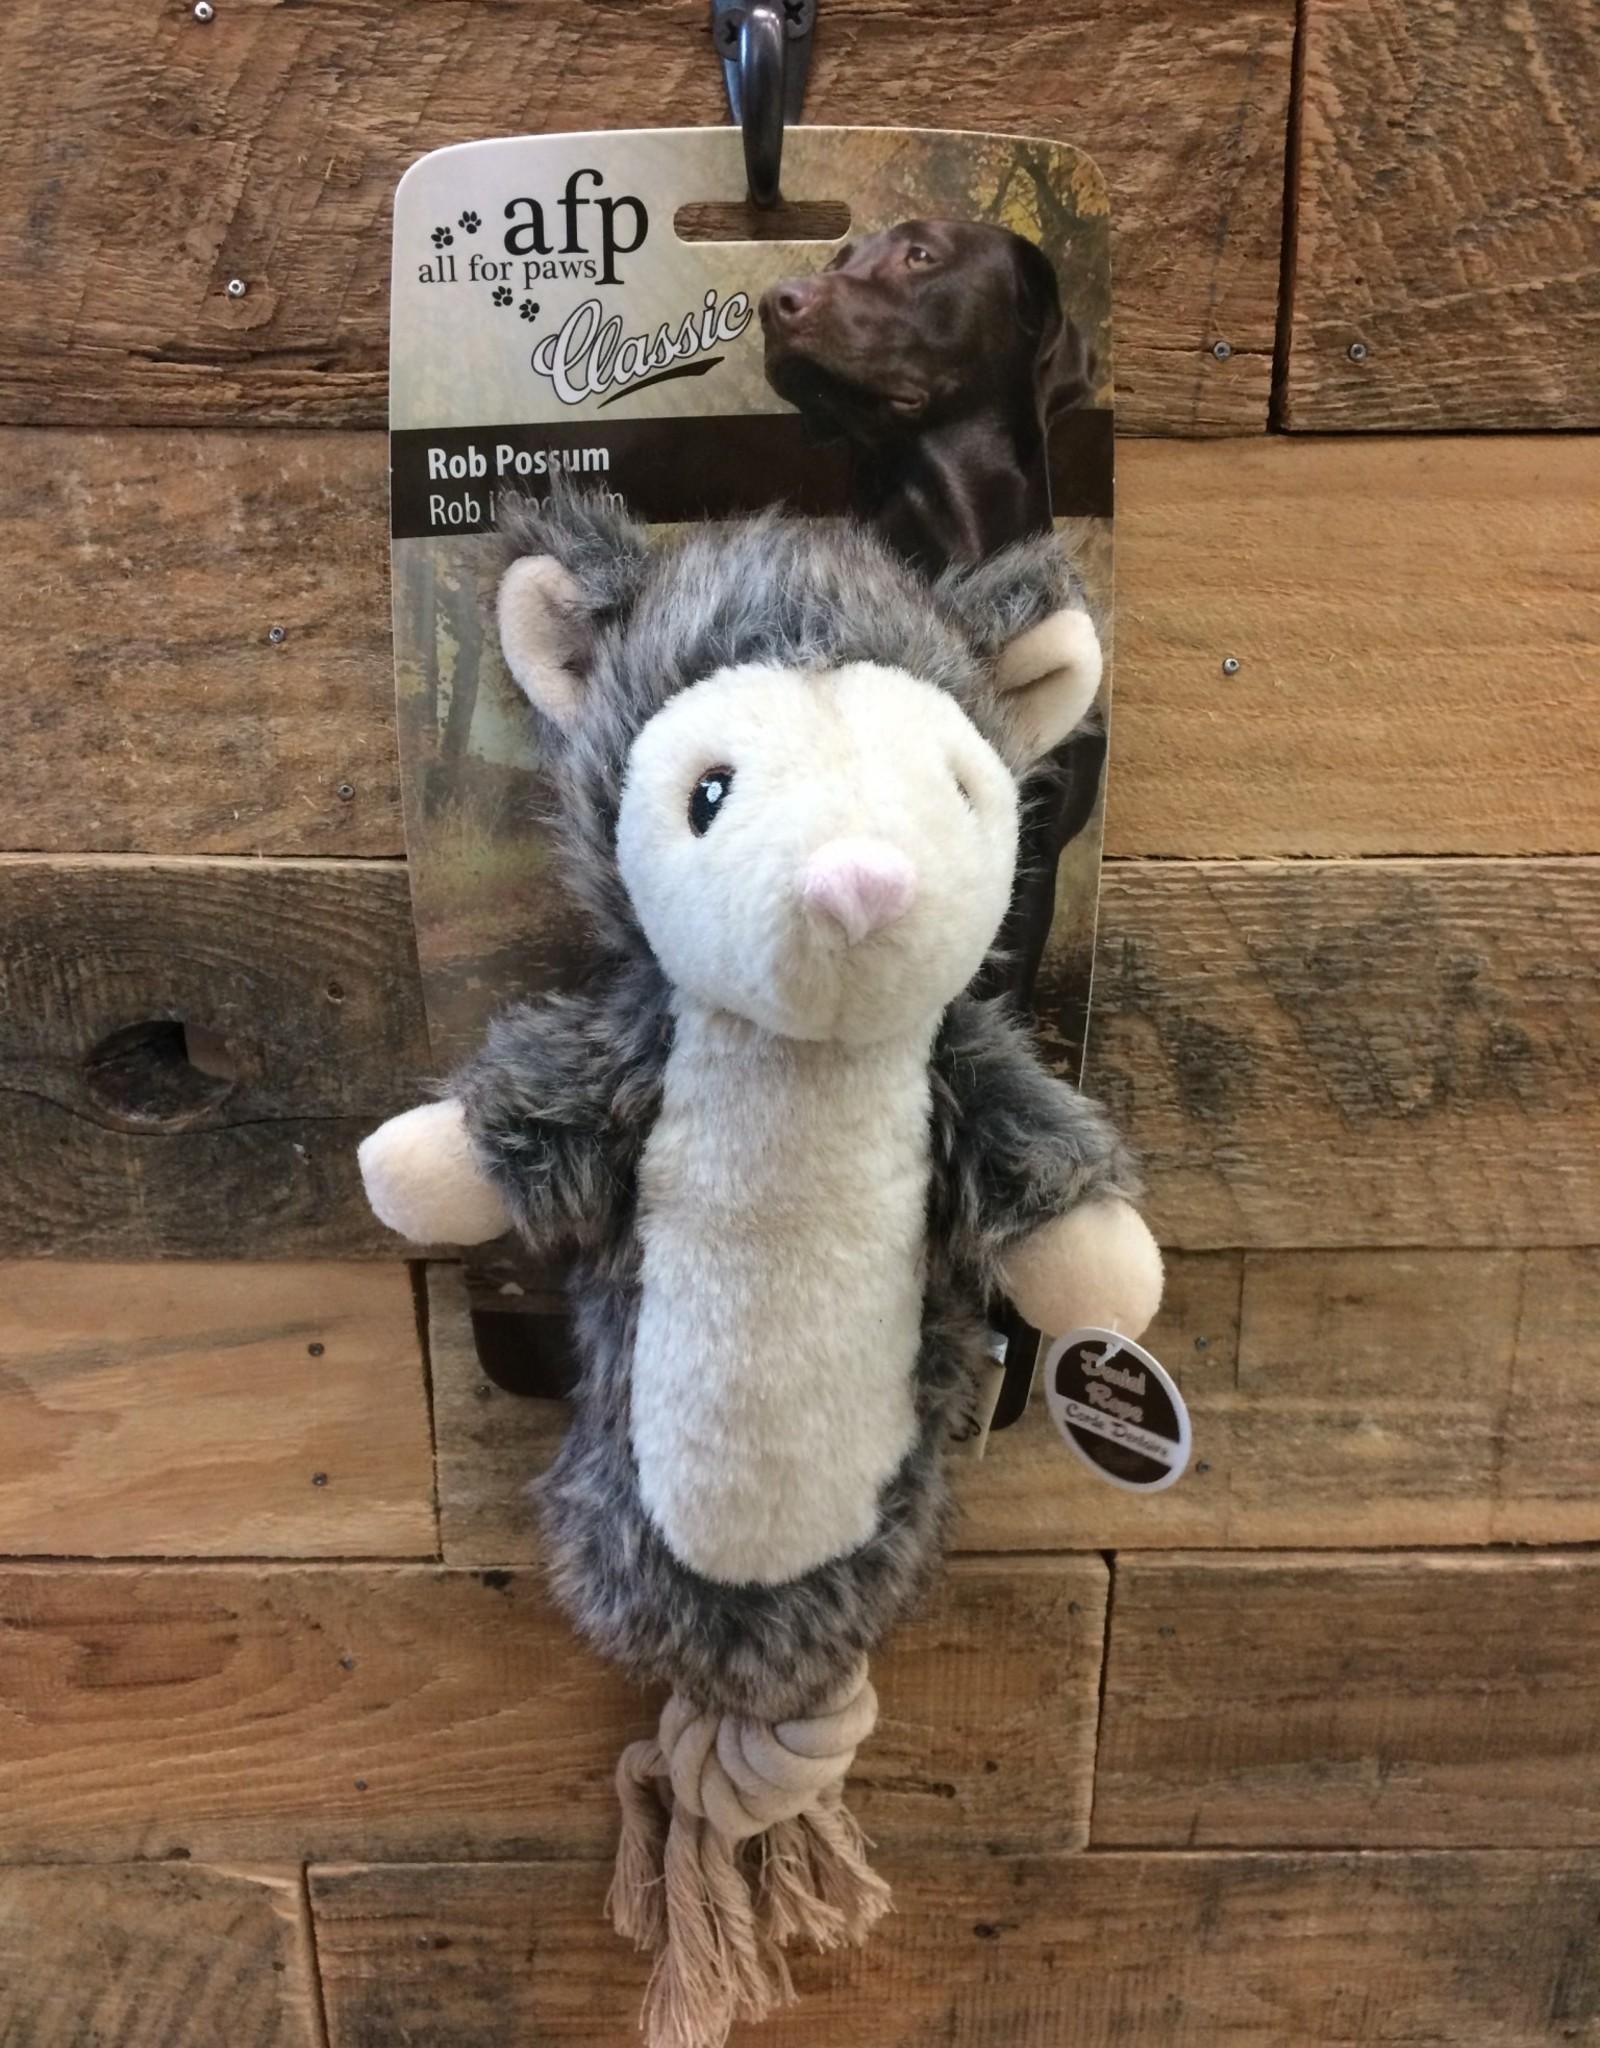 Afp classic opossum